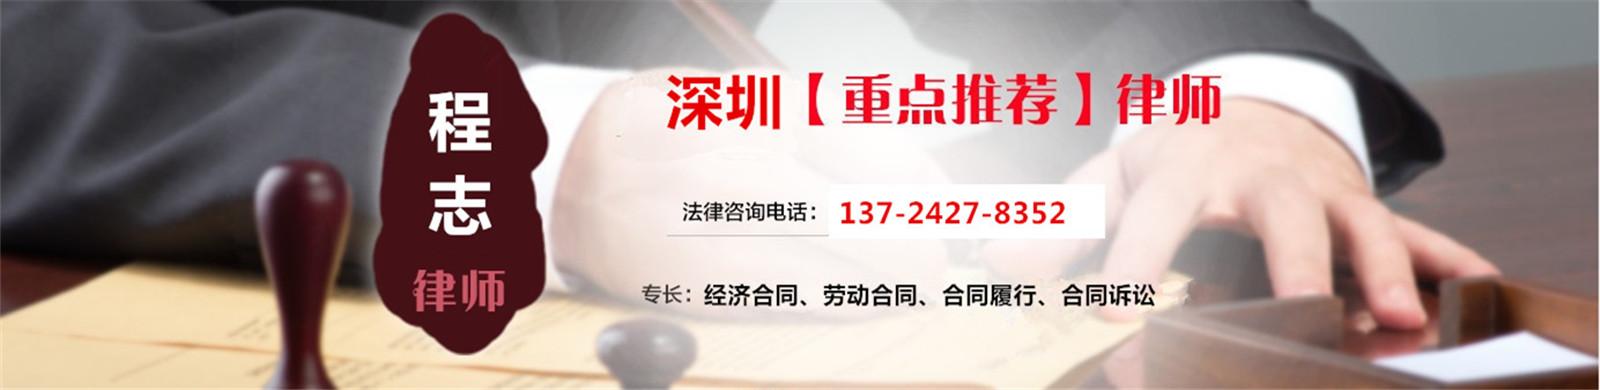 深圳合同律师大图二